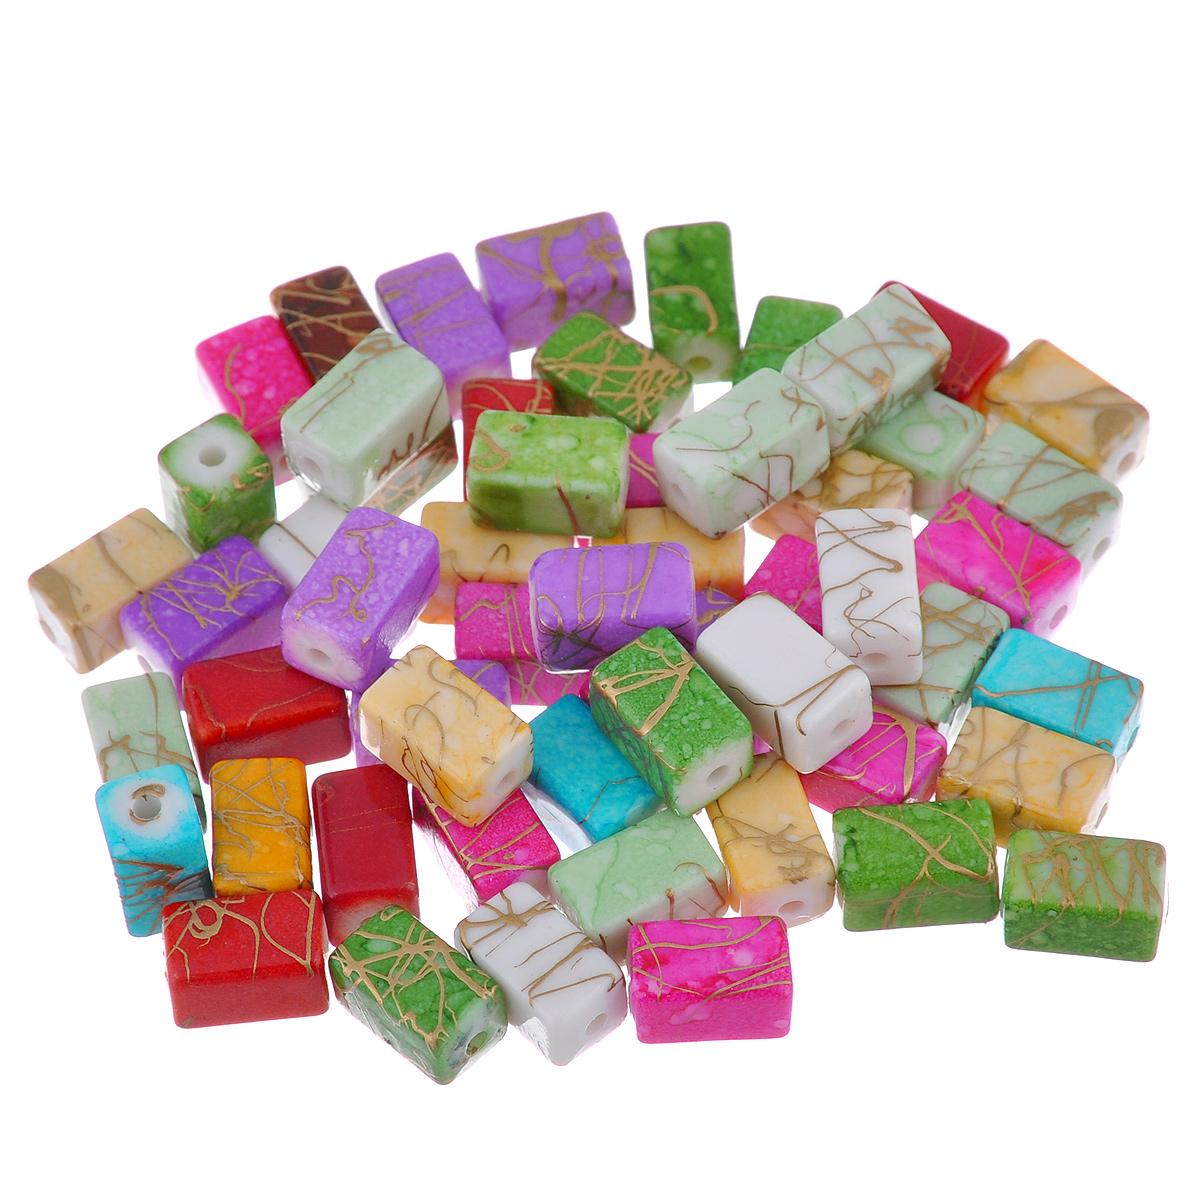 Бусины Астра Цветные камешки, 11 мм х 6 мм, 54 шт7710787Набор бусин Астра Цветные камешки, изготовленный из пластика, позволит вам своими руками создать оригинальные ожерелья, бусы или браслеты. Прямоугольные бусины изготовлены в виде камешков и имеют цветные разводы с оригинальным золотистым узором. Изготовление украшений - занимательное хобби и реализация творческих способностей рукодельницы, это возможность создания неповторимого индивидуального подарка. Размер бусины: 11 мм х 6 мм.